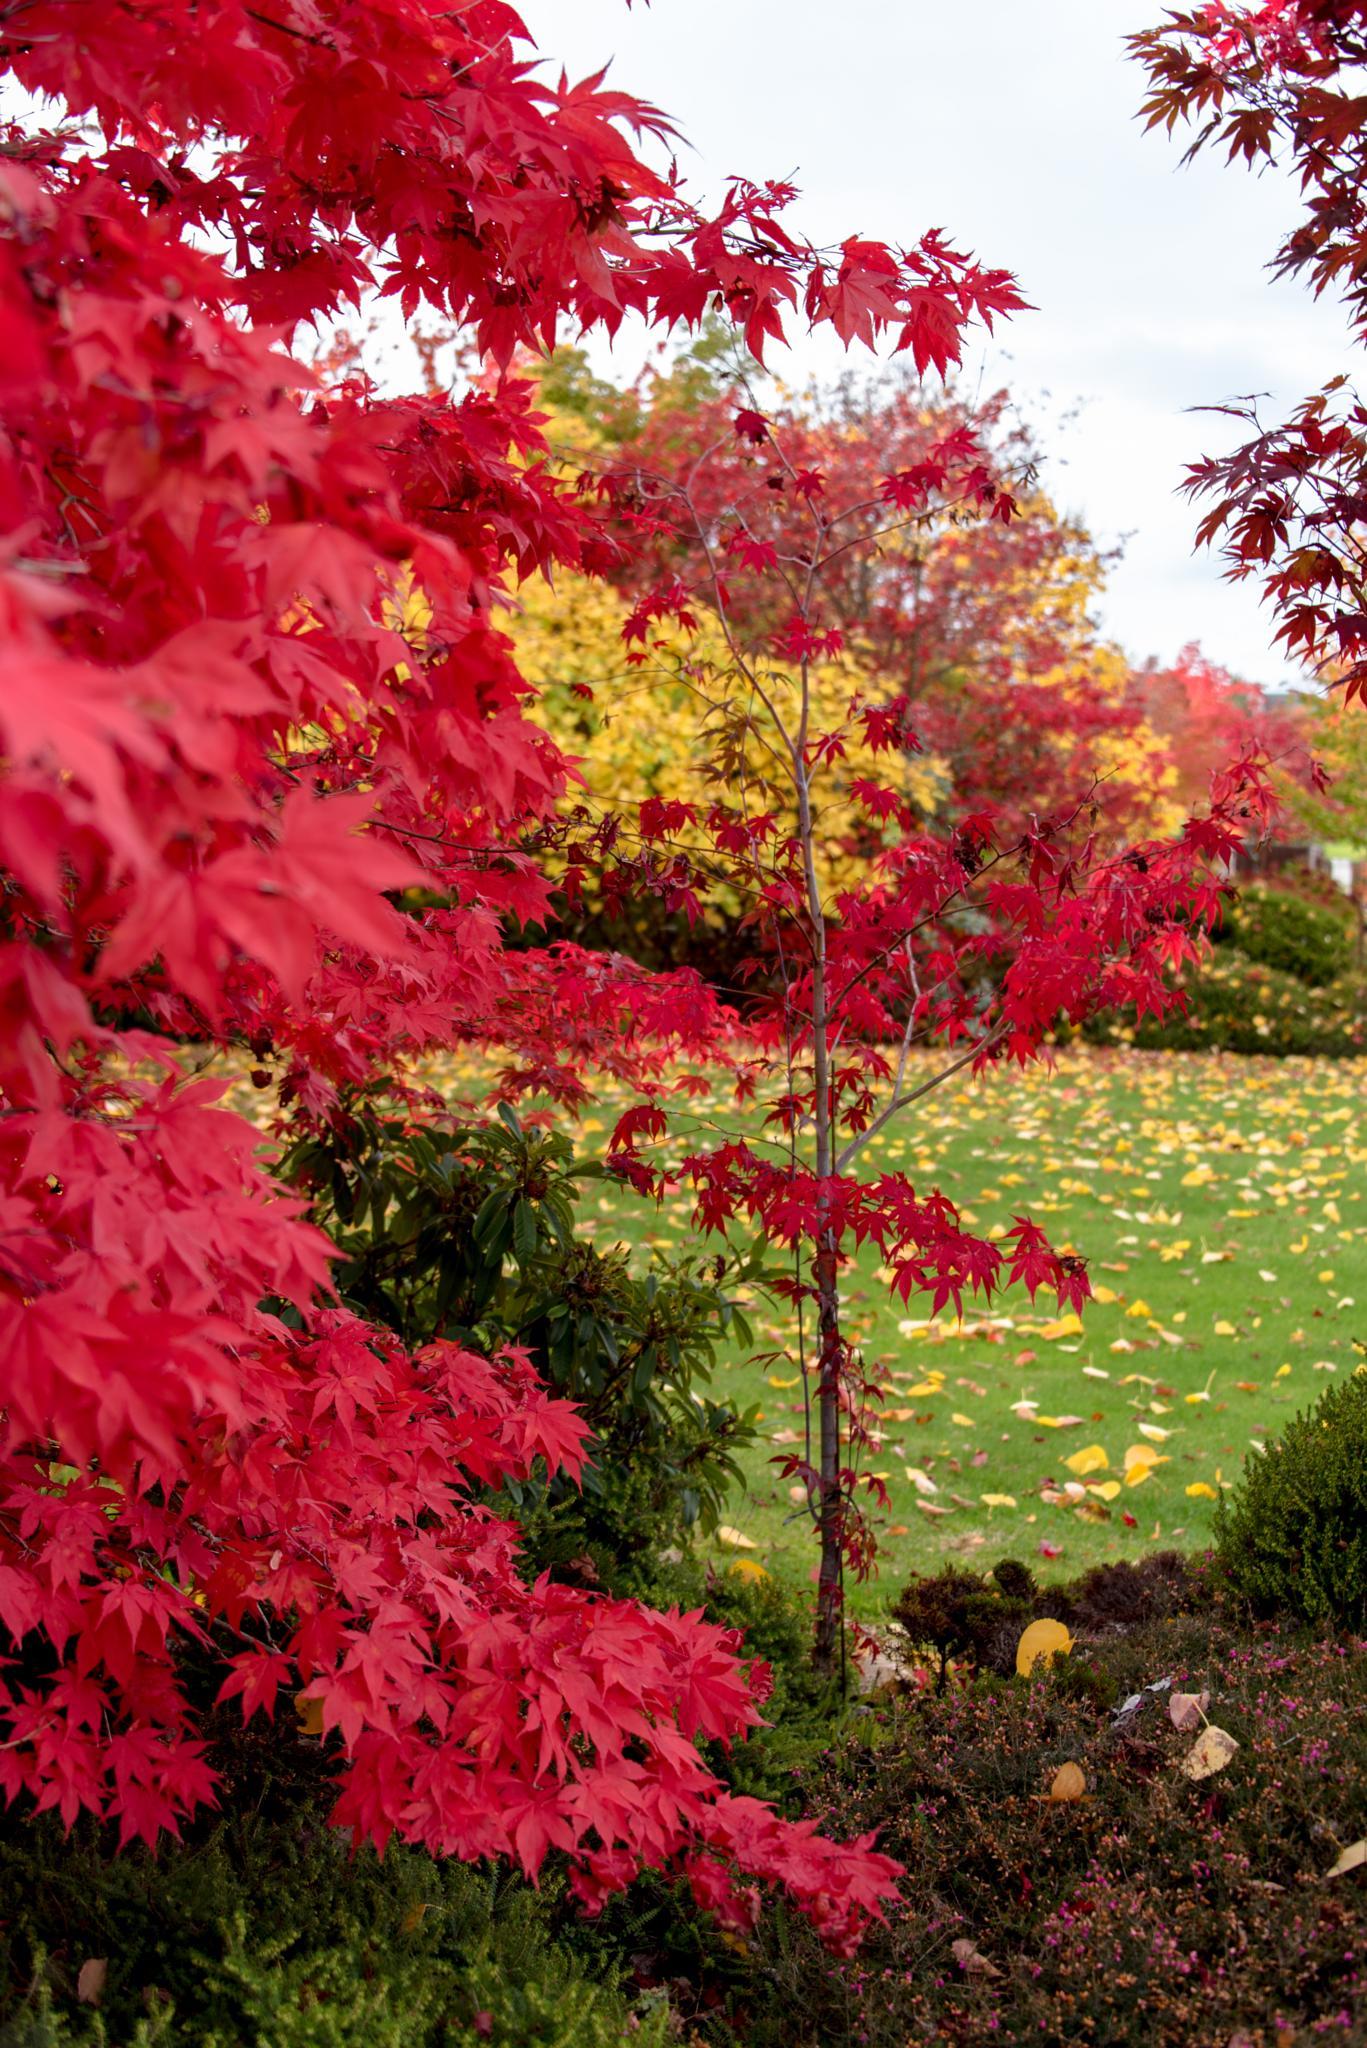 Autumn in Wanaka by Jocelyn Kinghorn